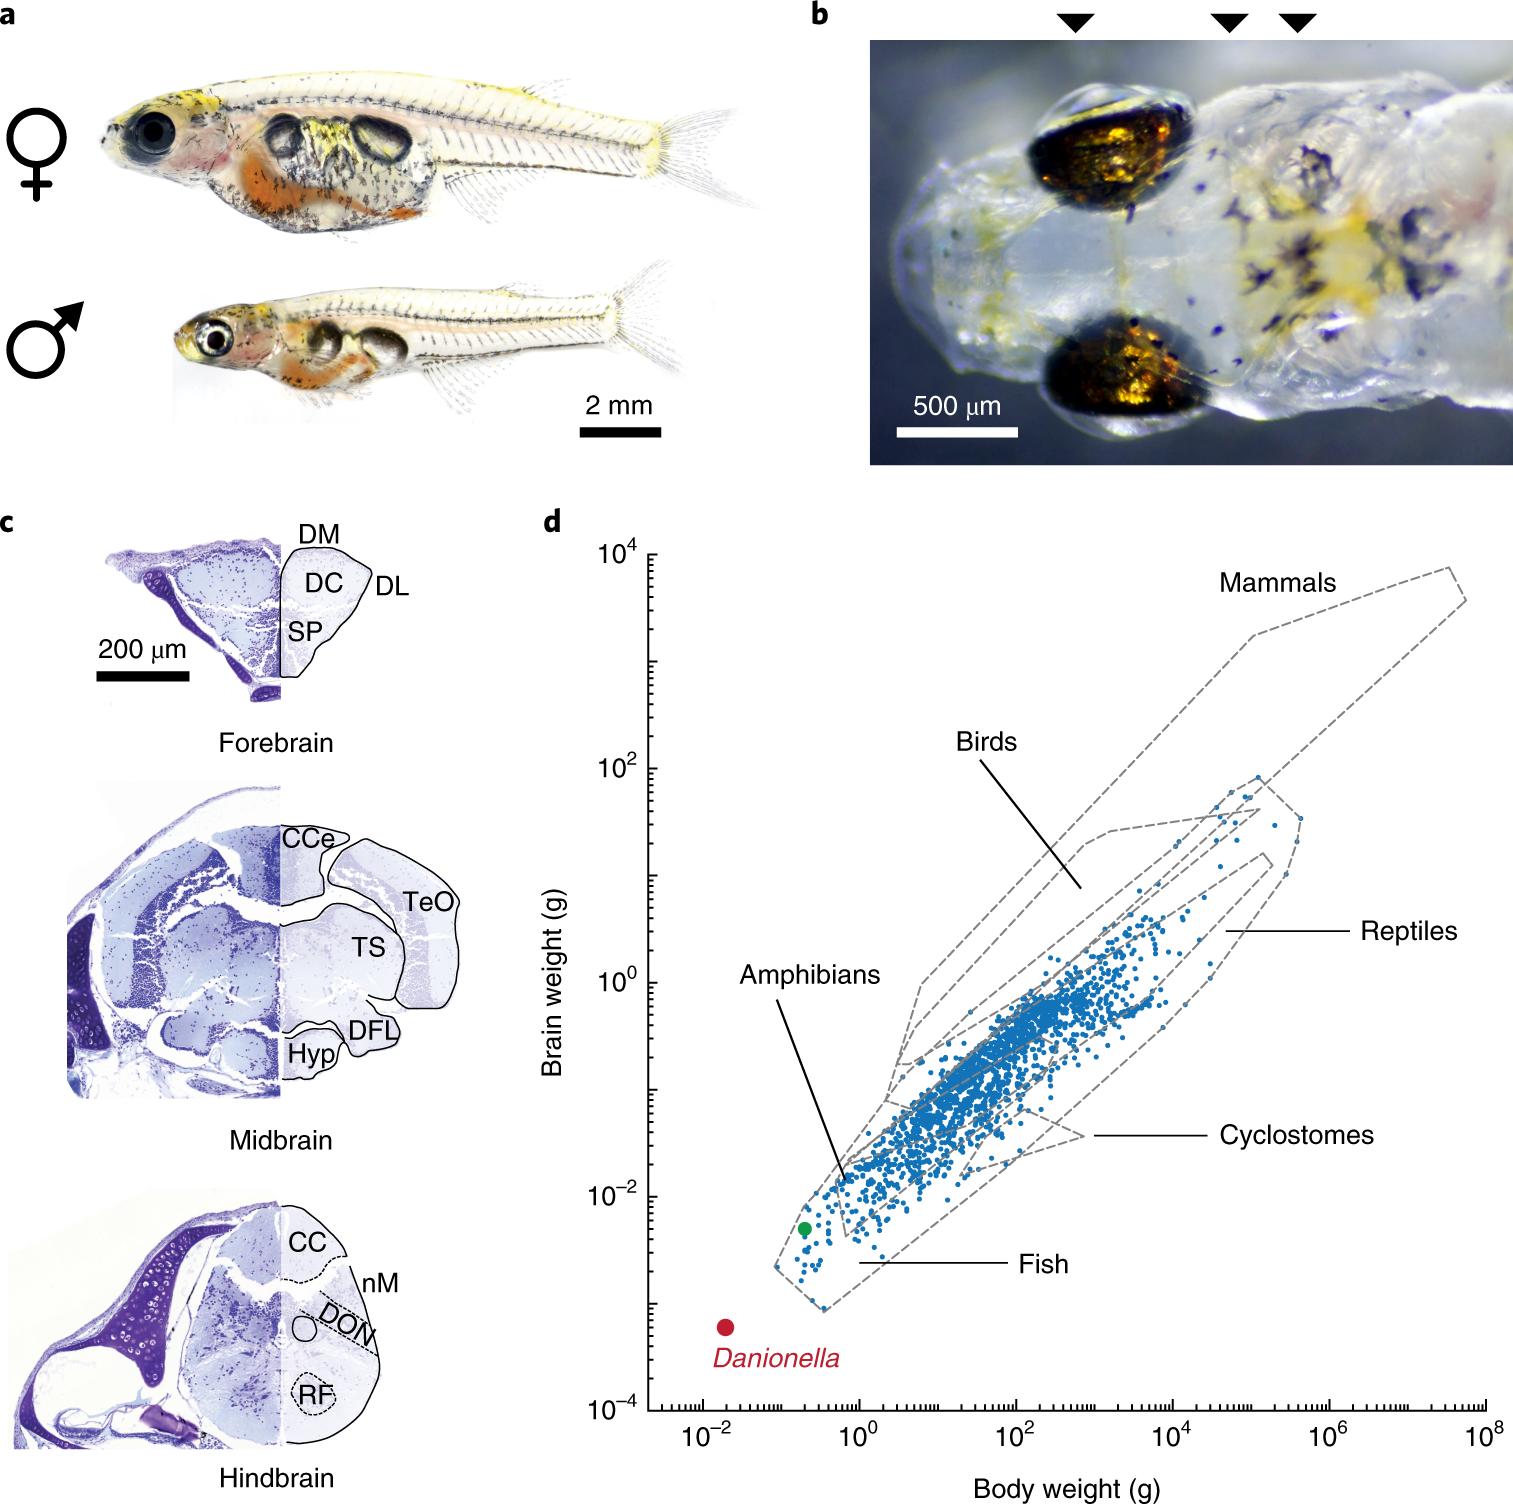 transparent danionella translucida as a genetically tractabletransparent danionella translucida as a genetically tractable vertebrate brain model nature methods